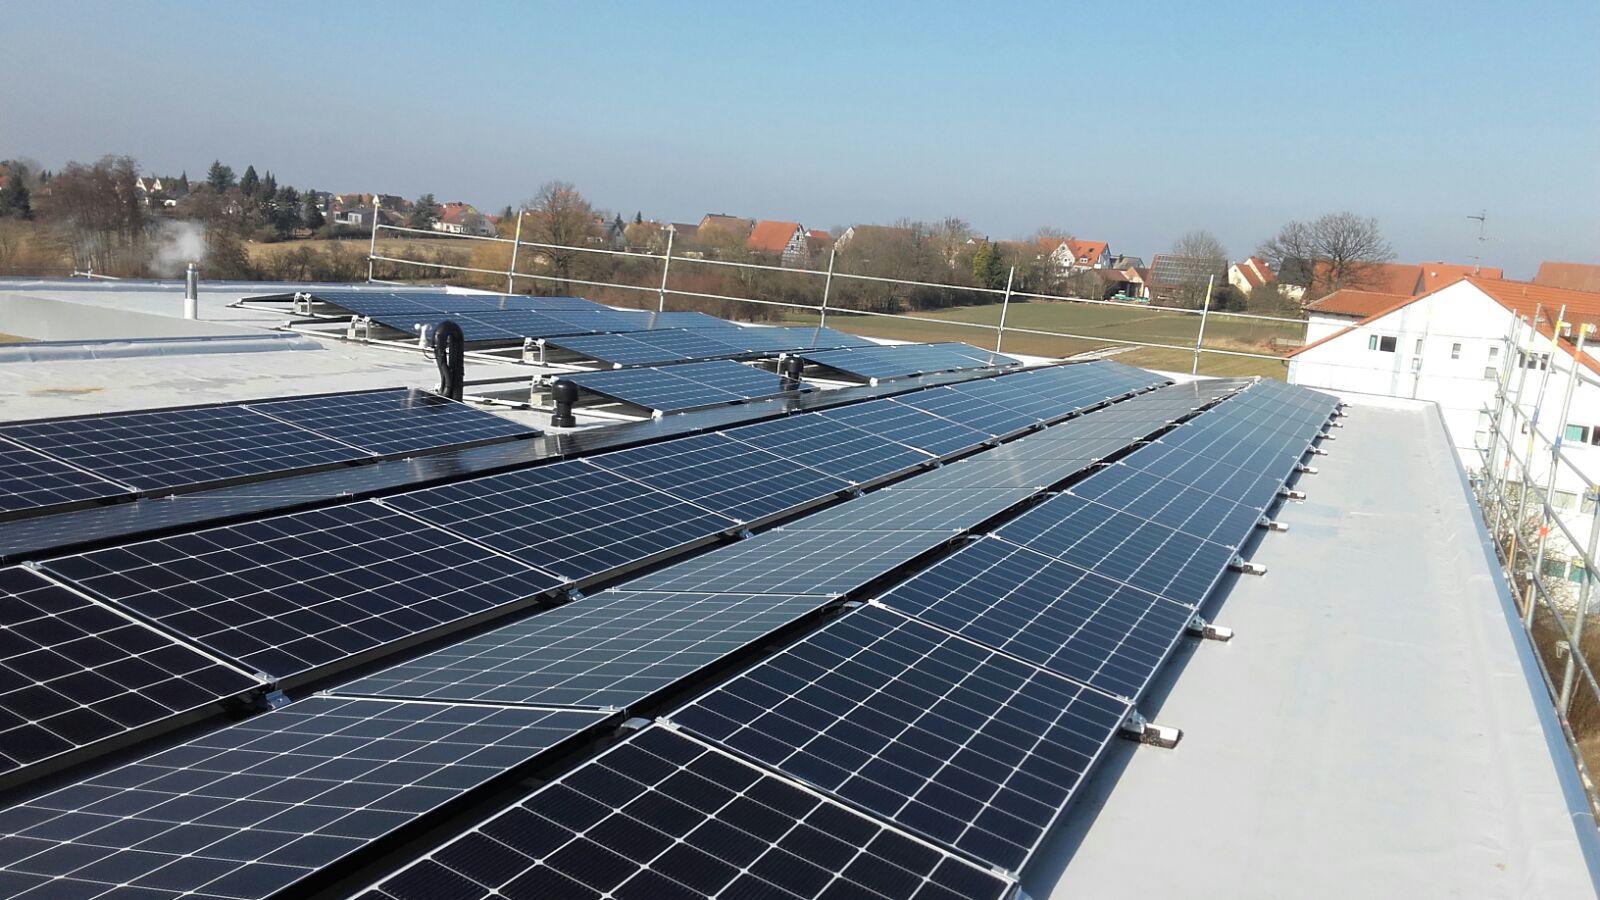 Landkreis Forchheim will Sonnenenergie verstärkt nutzen